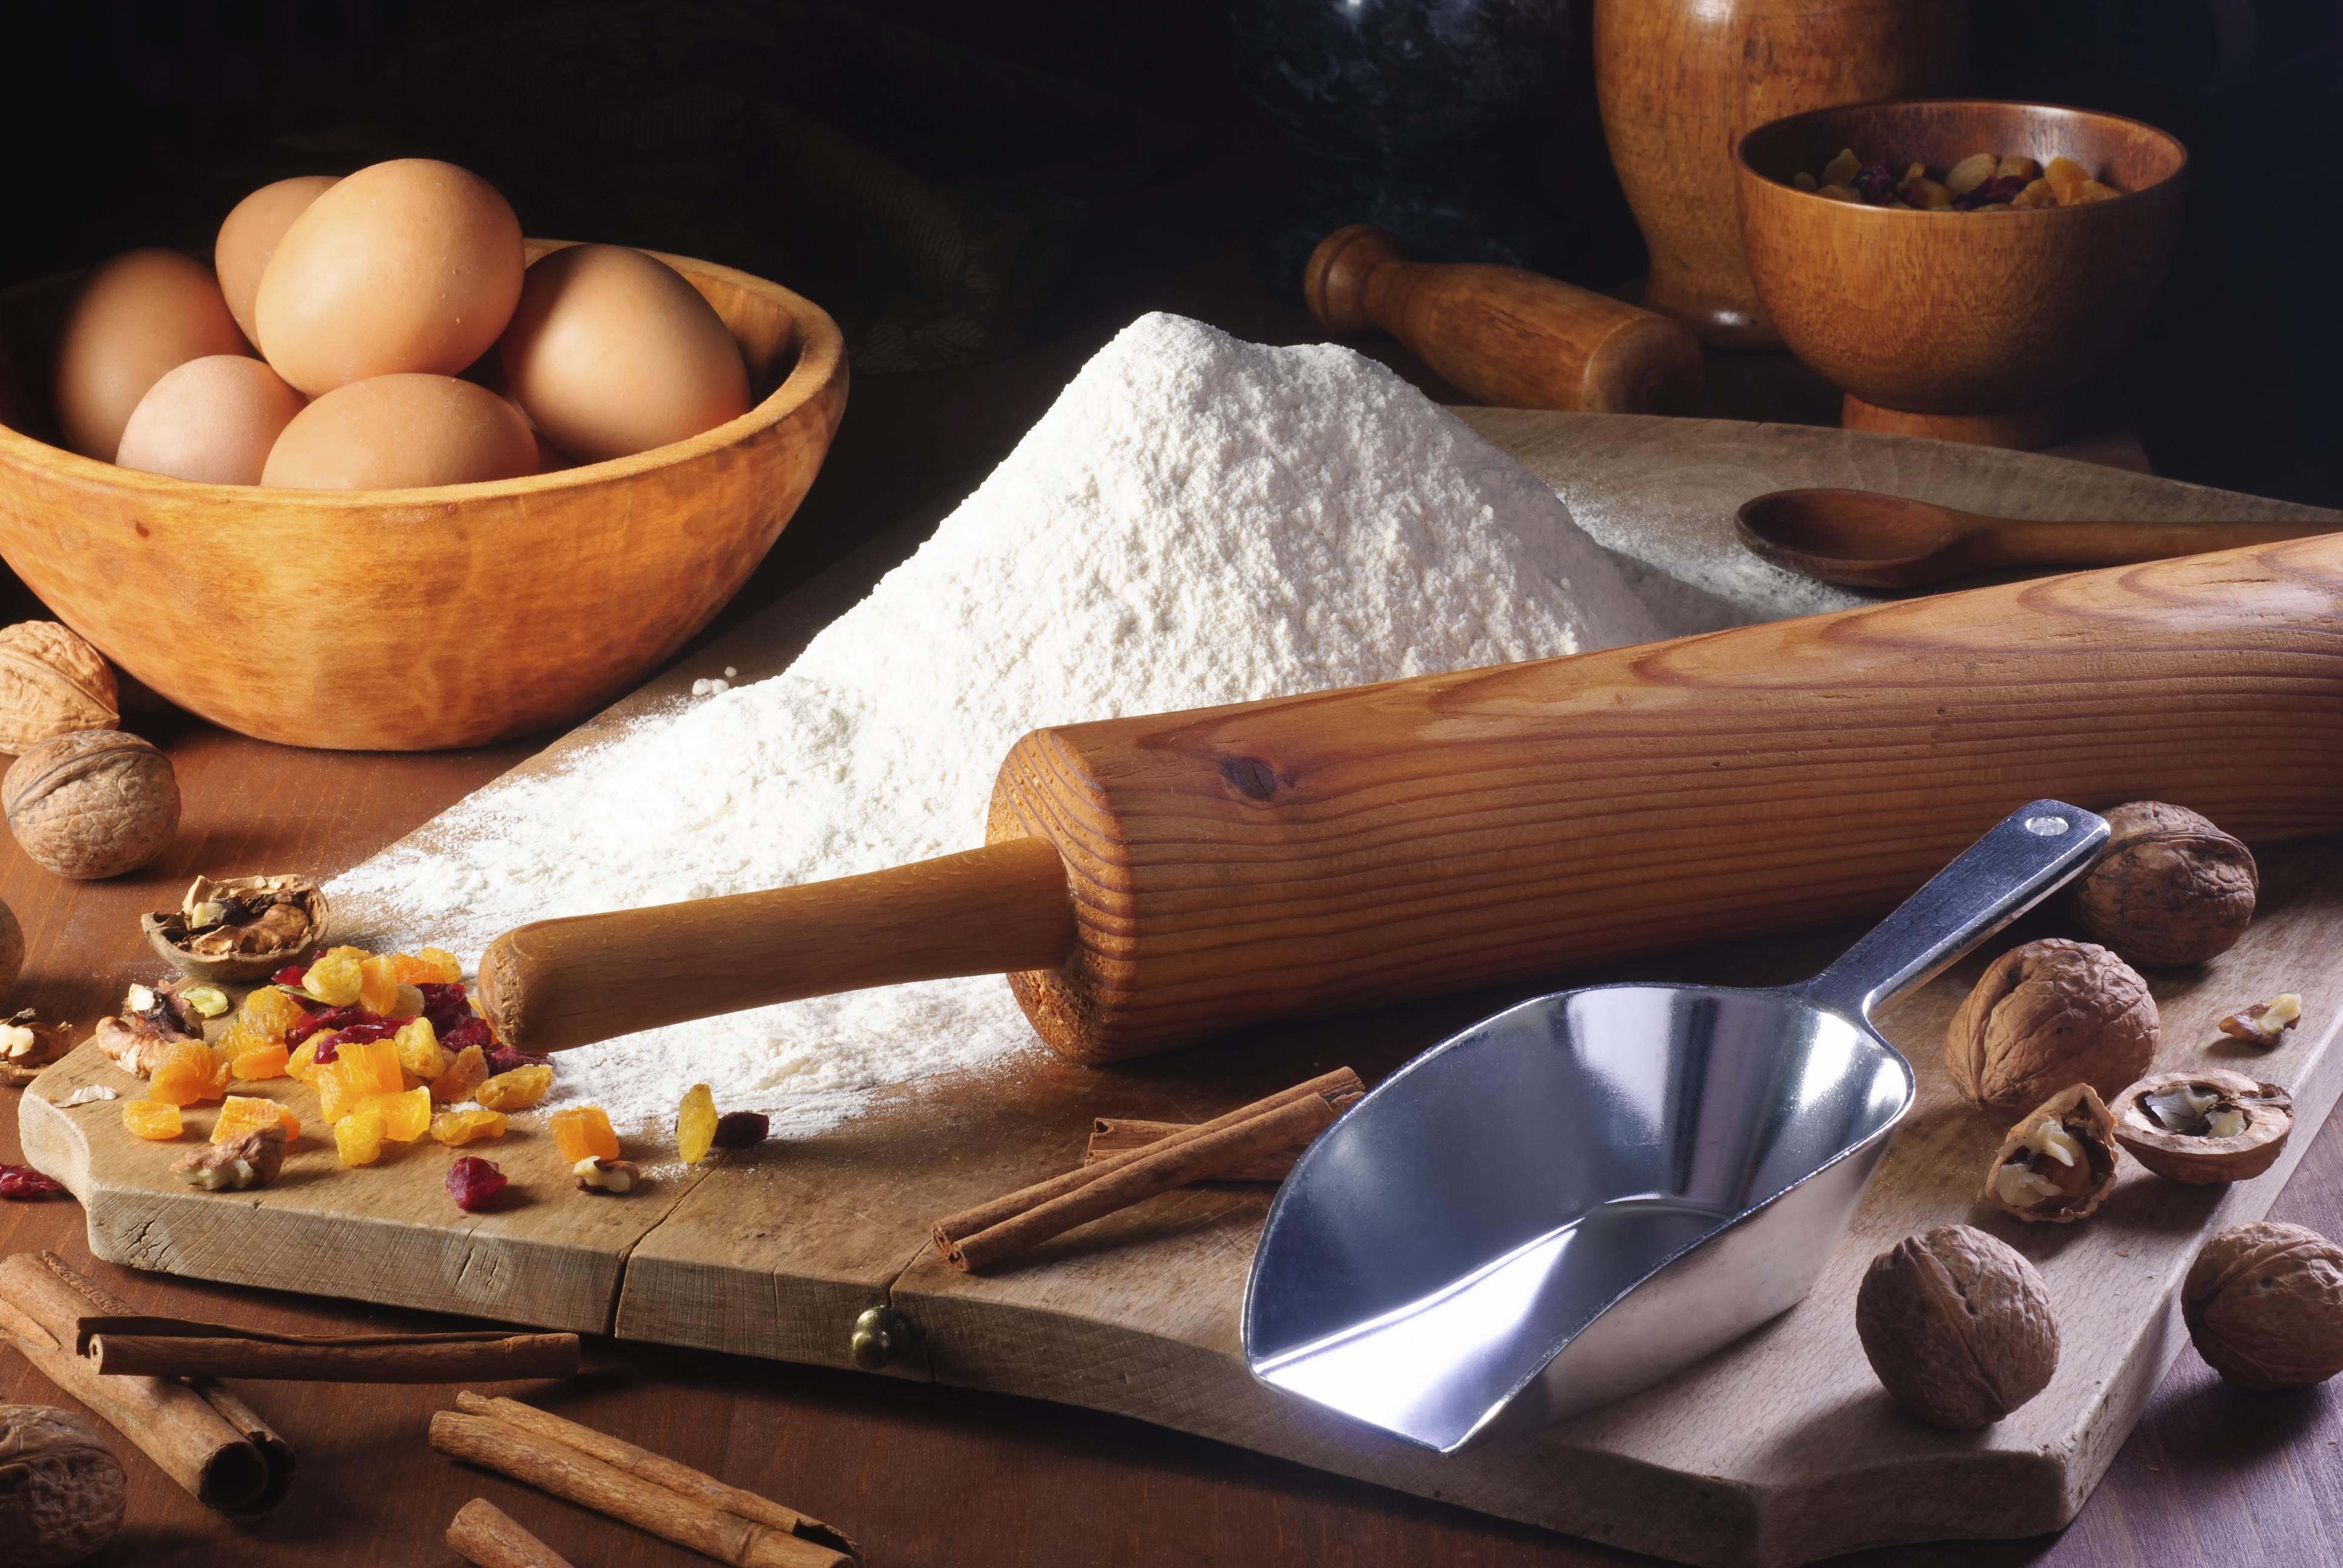 кондитерские ингредиенты для выпечки